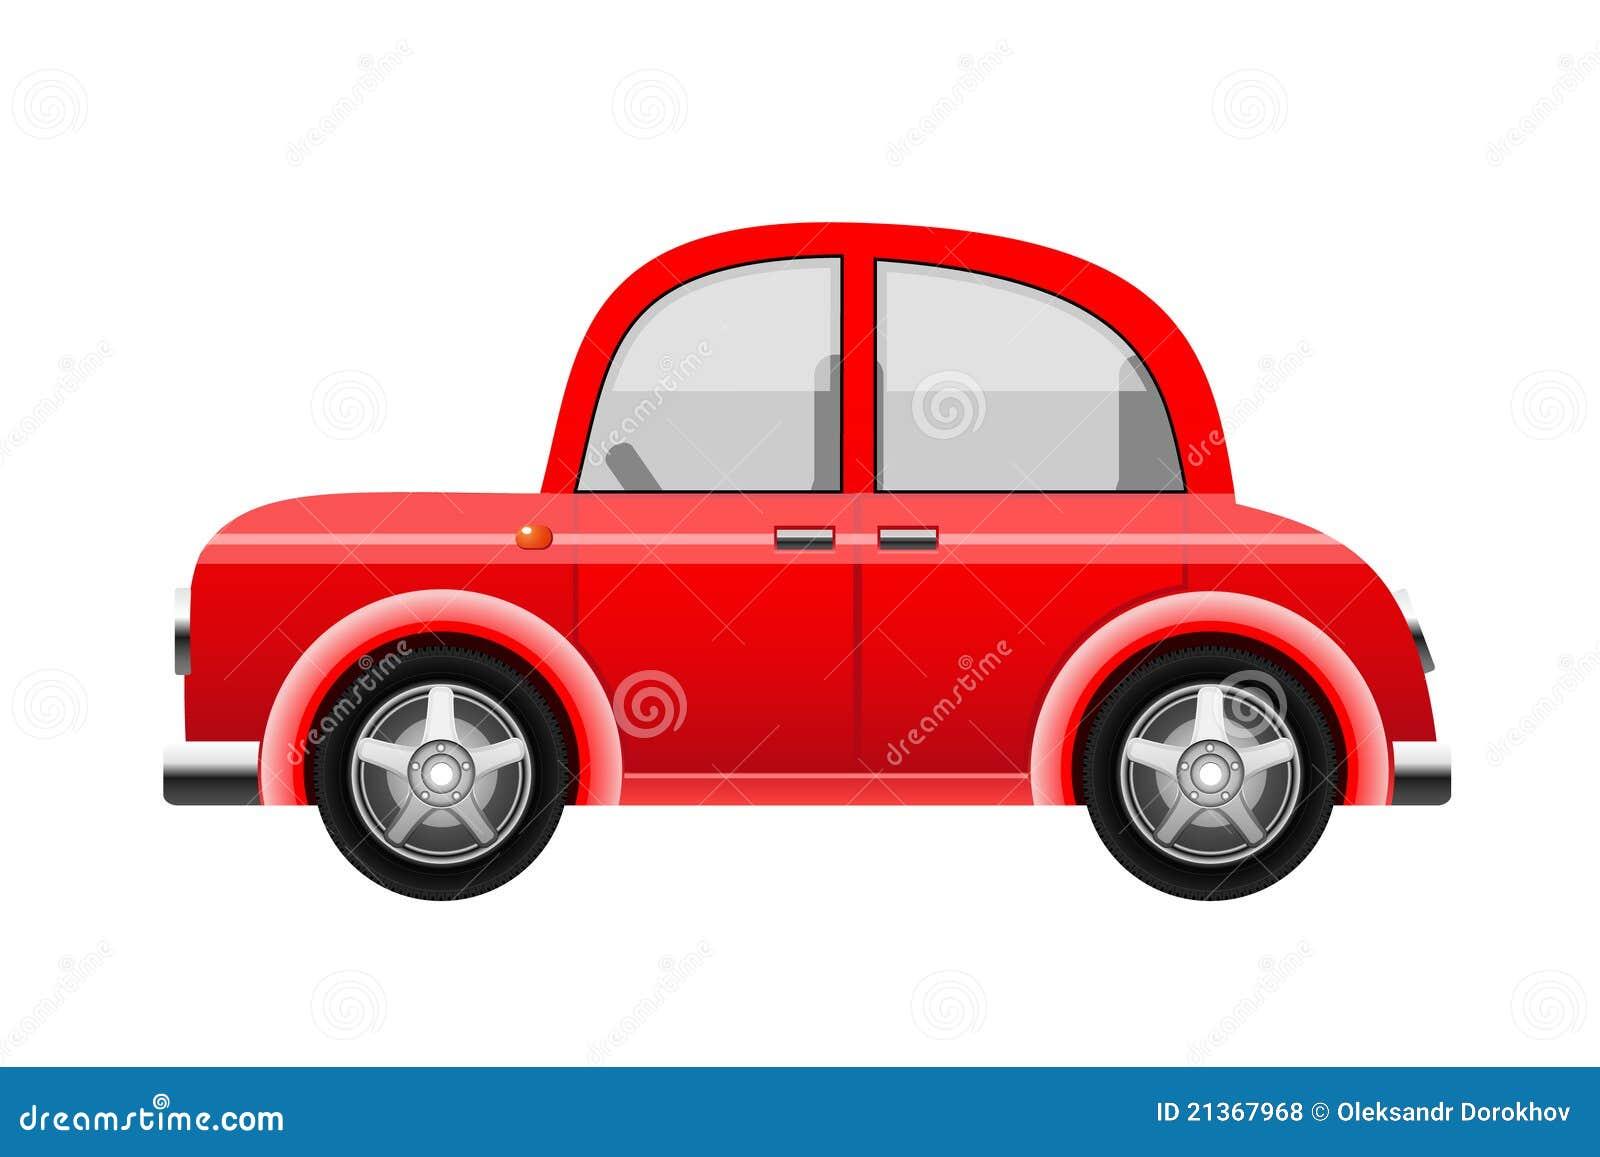 Car Audio Service